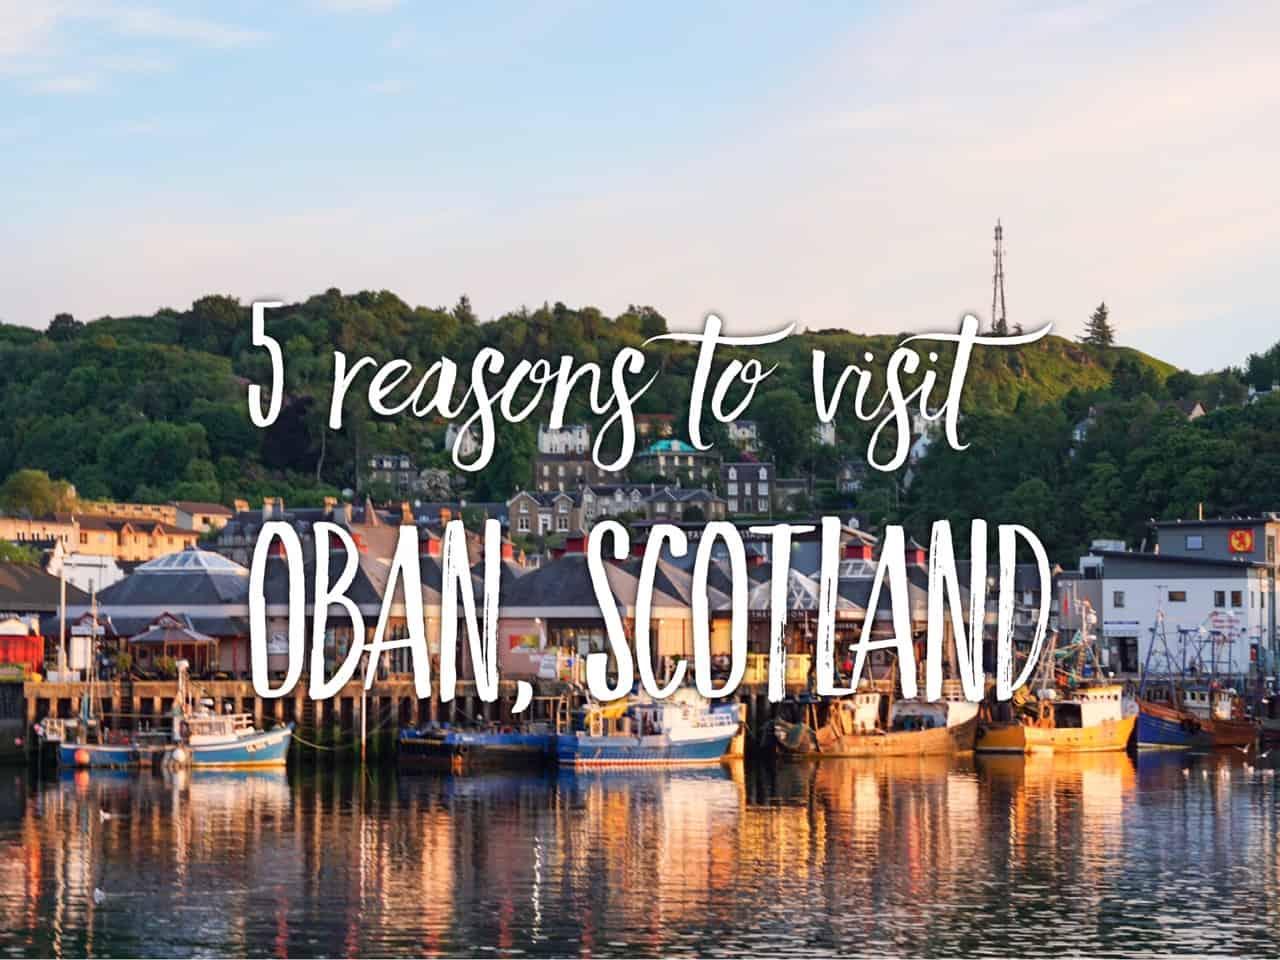 5 reasons to visit Oban, Scotland. Edinburgh to Oban